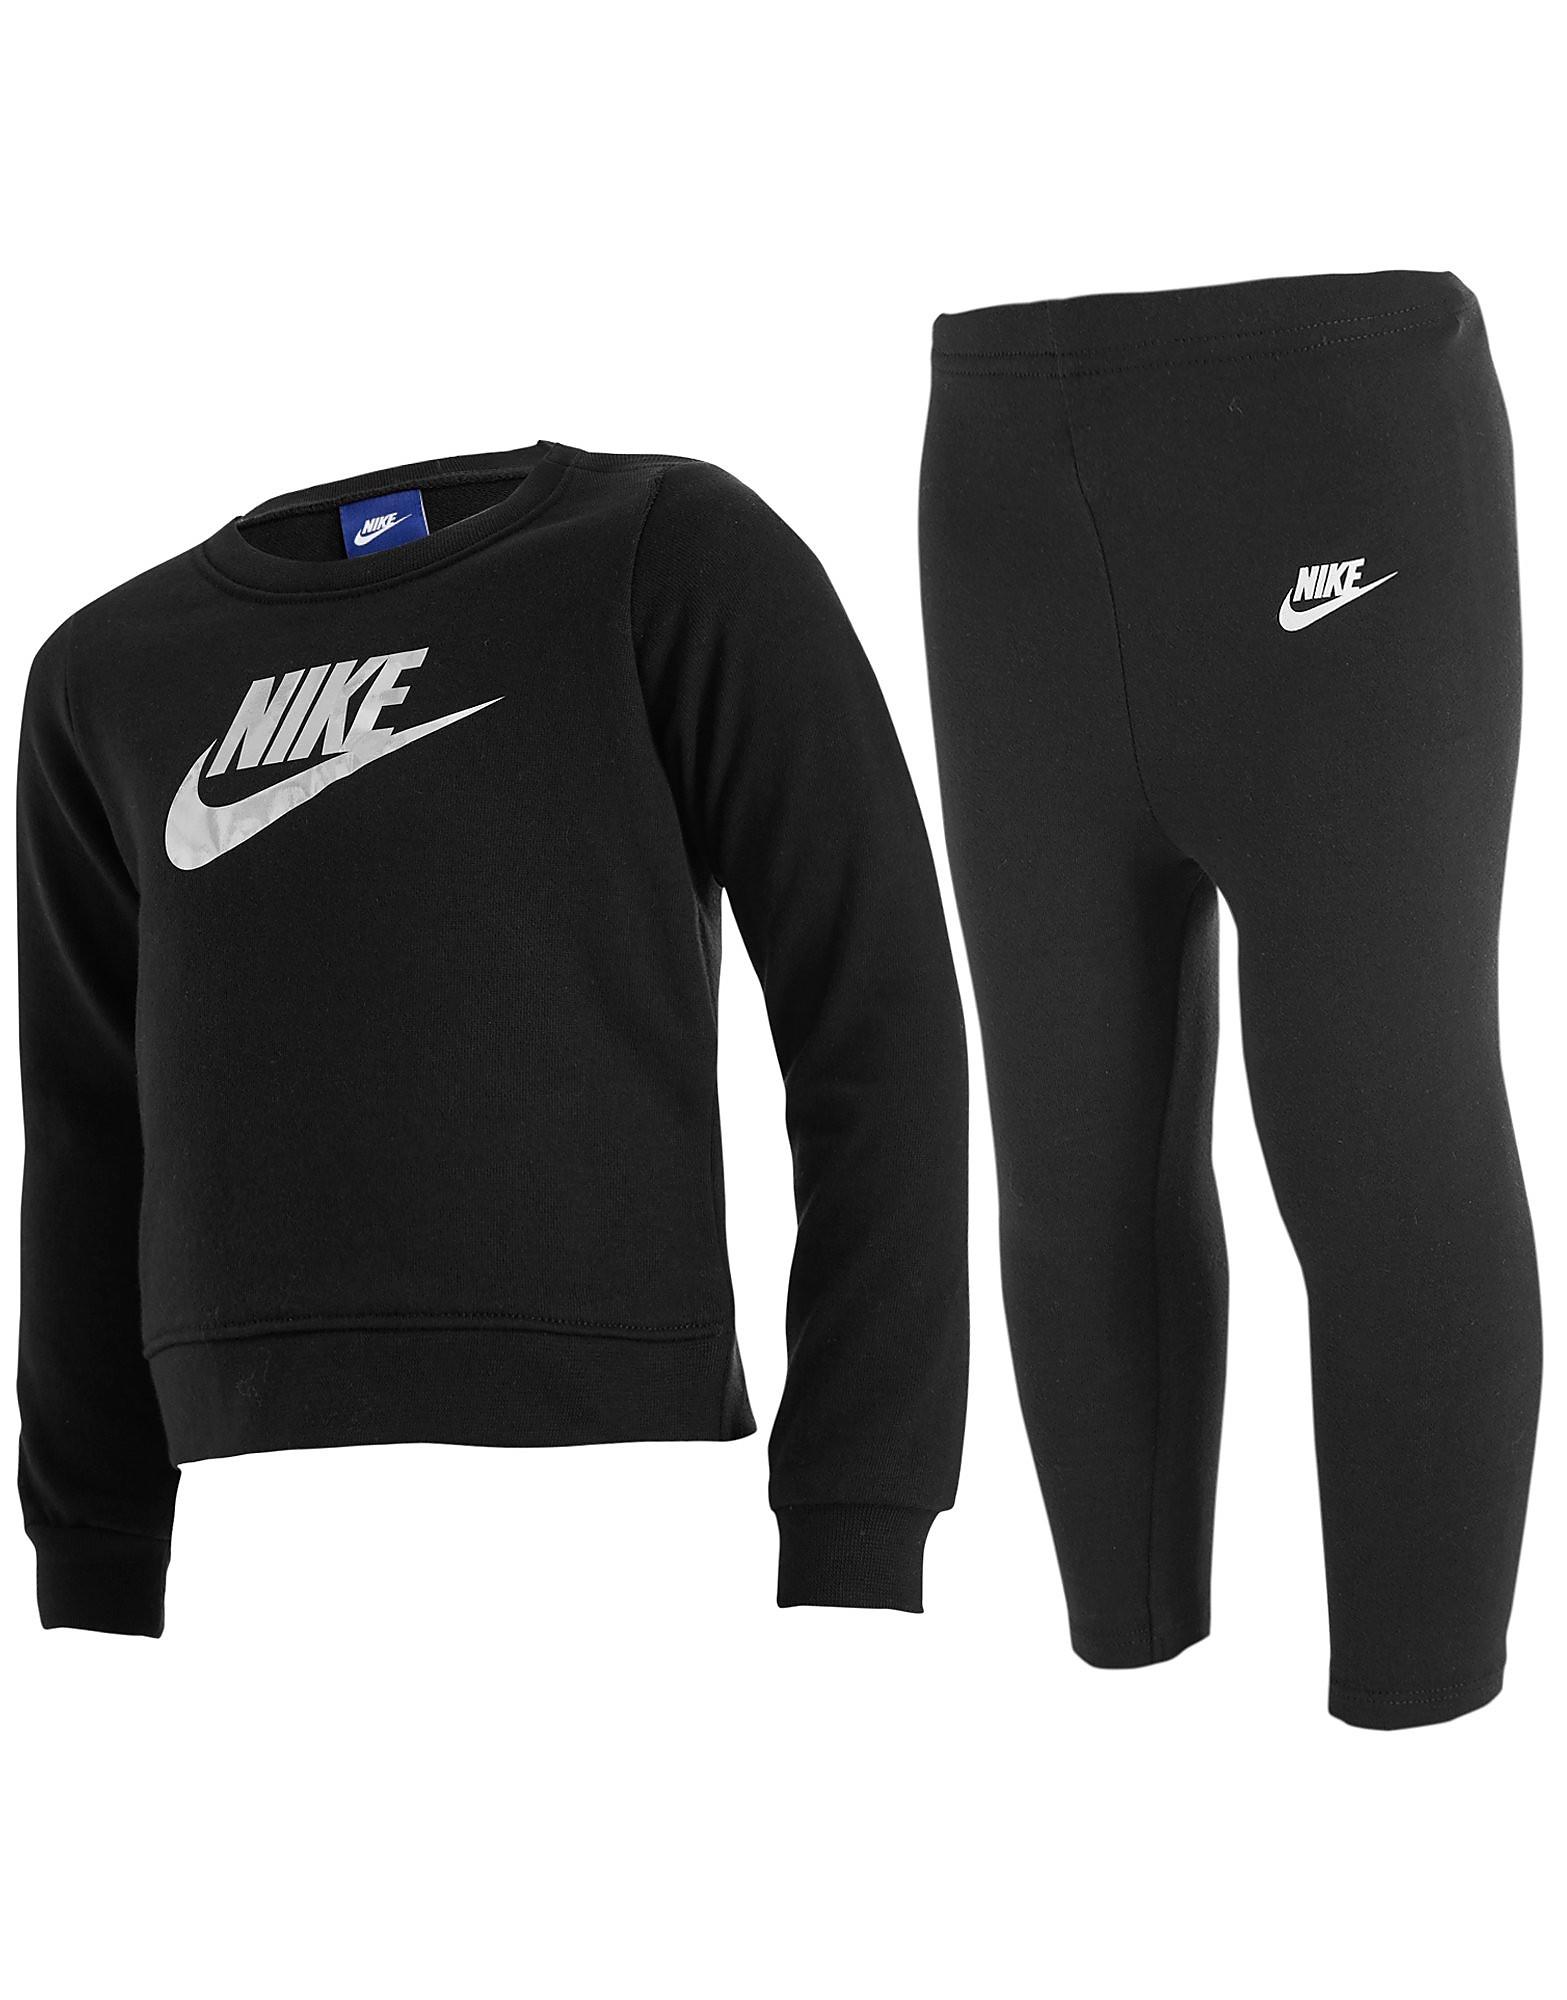 Nike Girls Crew/Leggings Set Infant